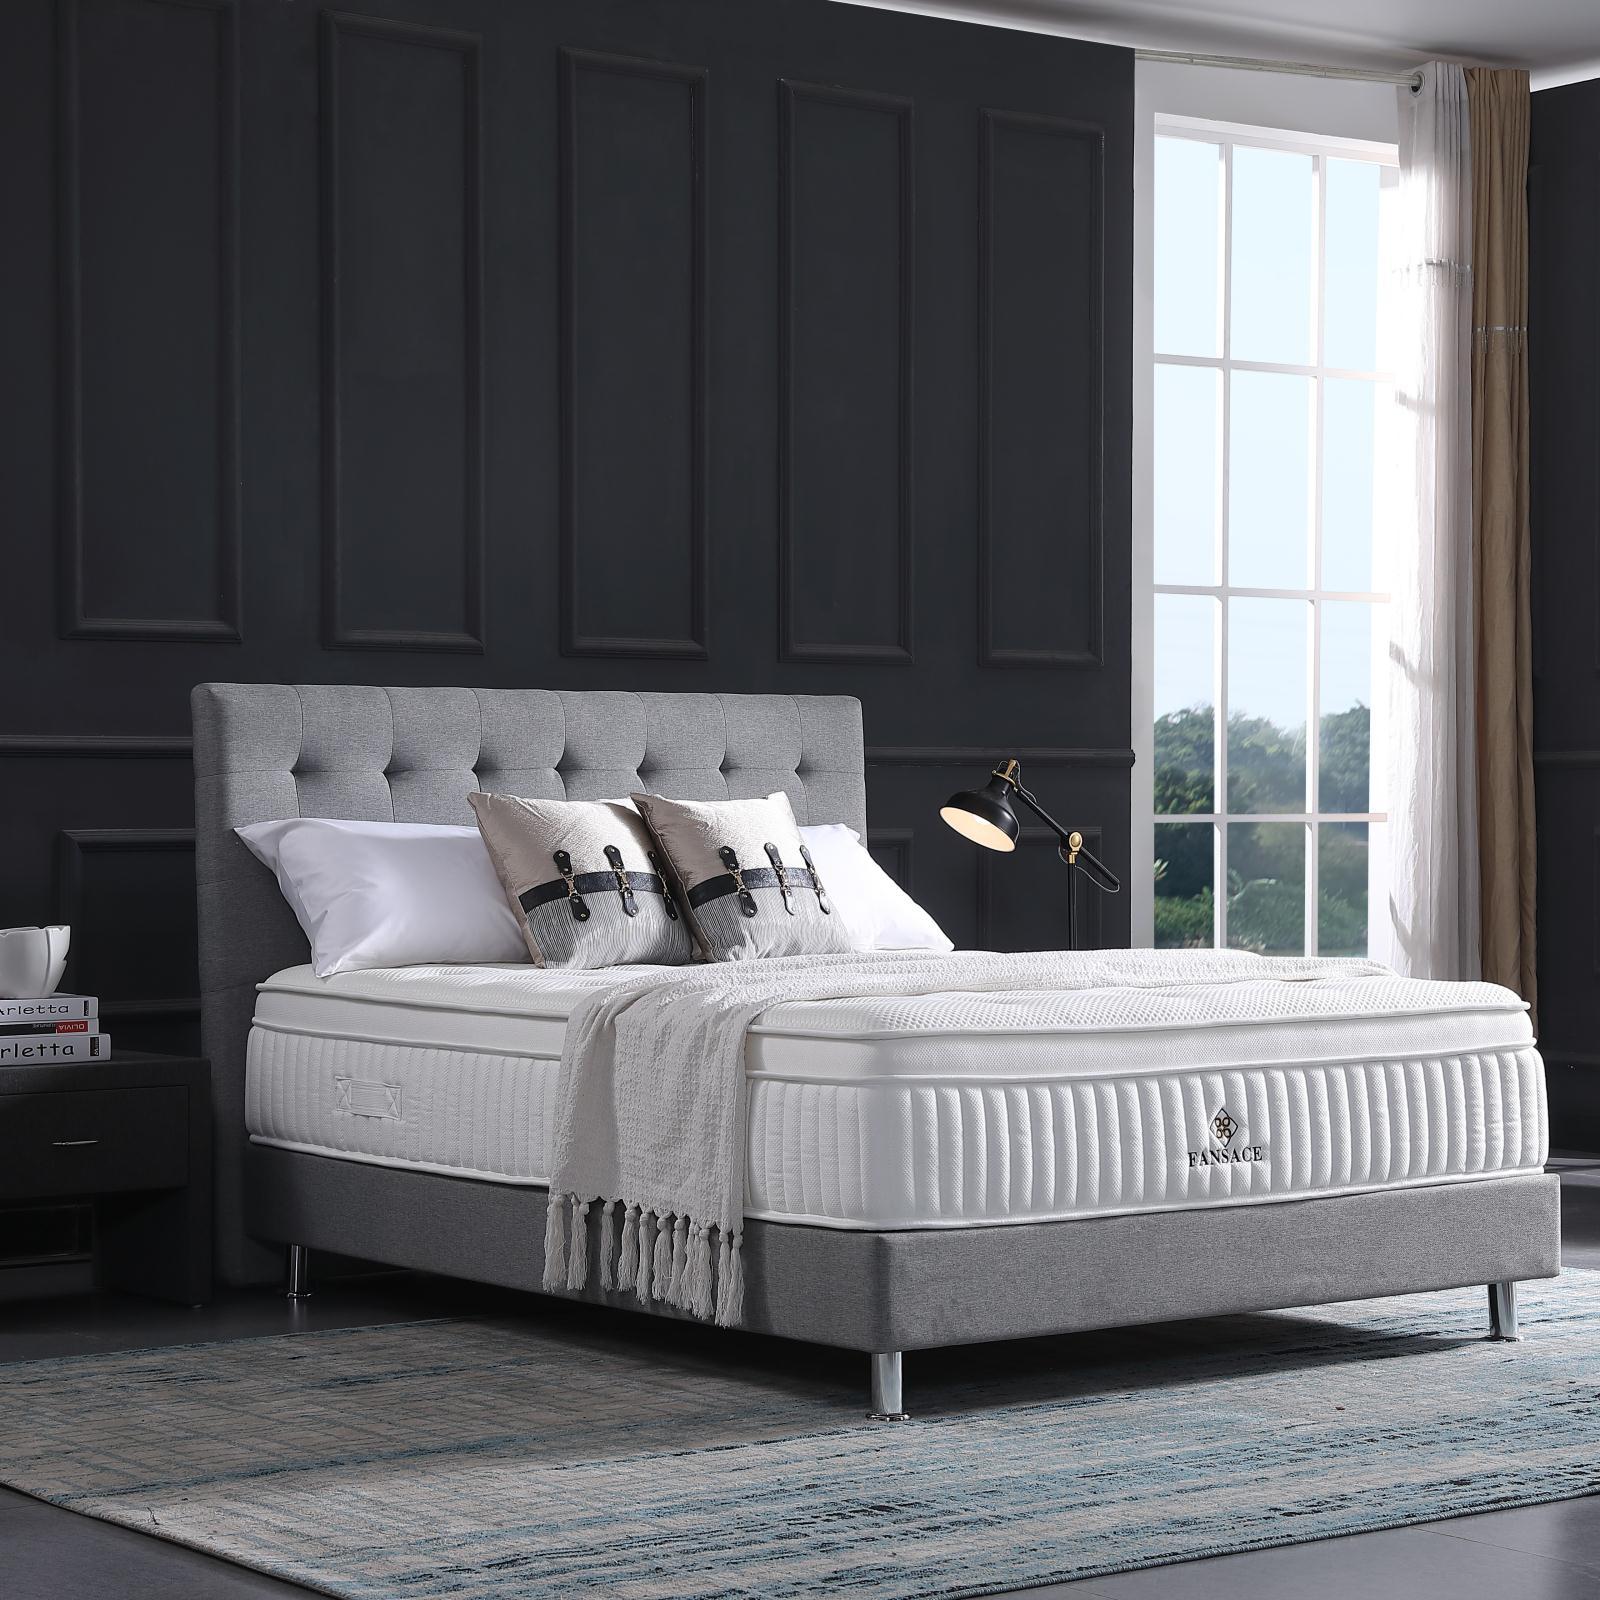 JLH-hotel bed mattress | Hotel Mattress | JLH-1